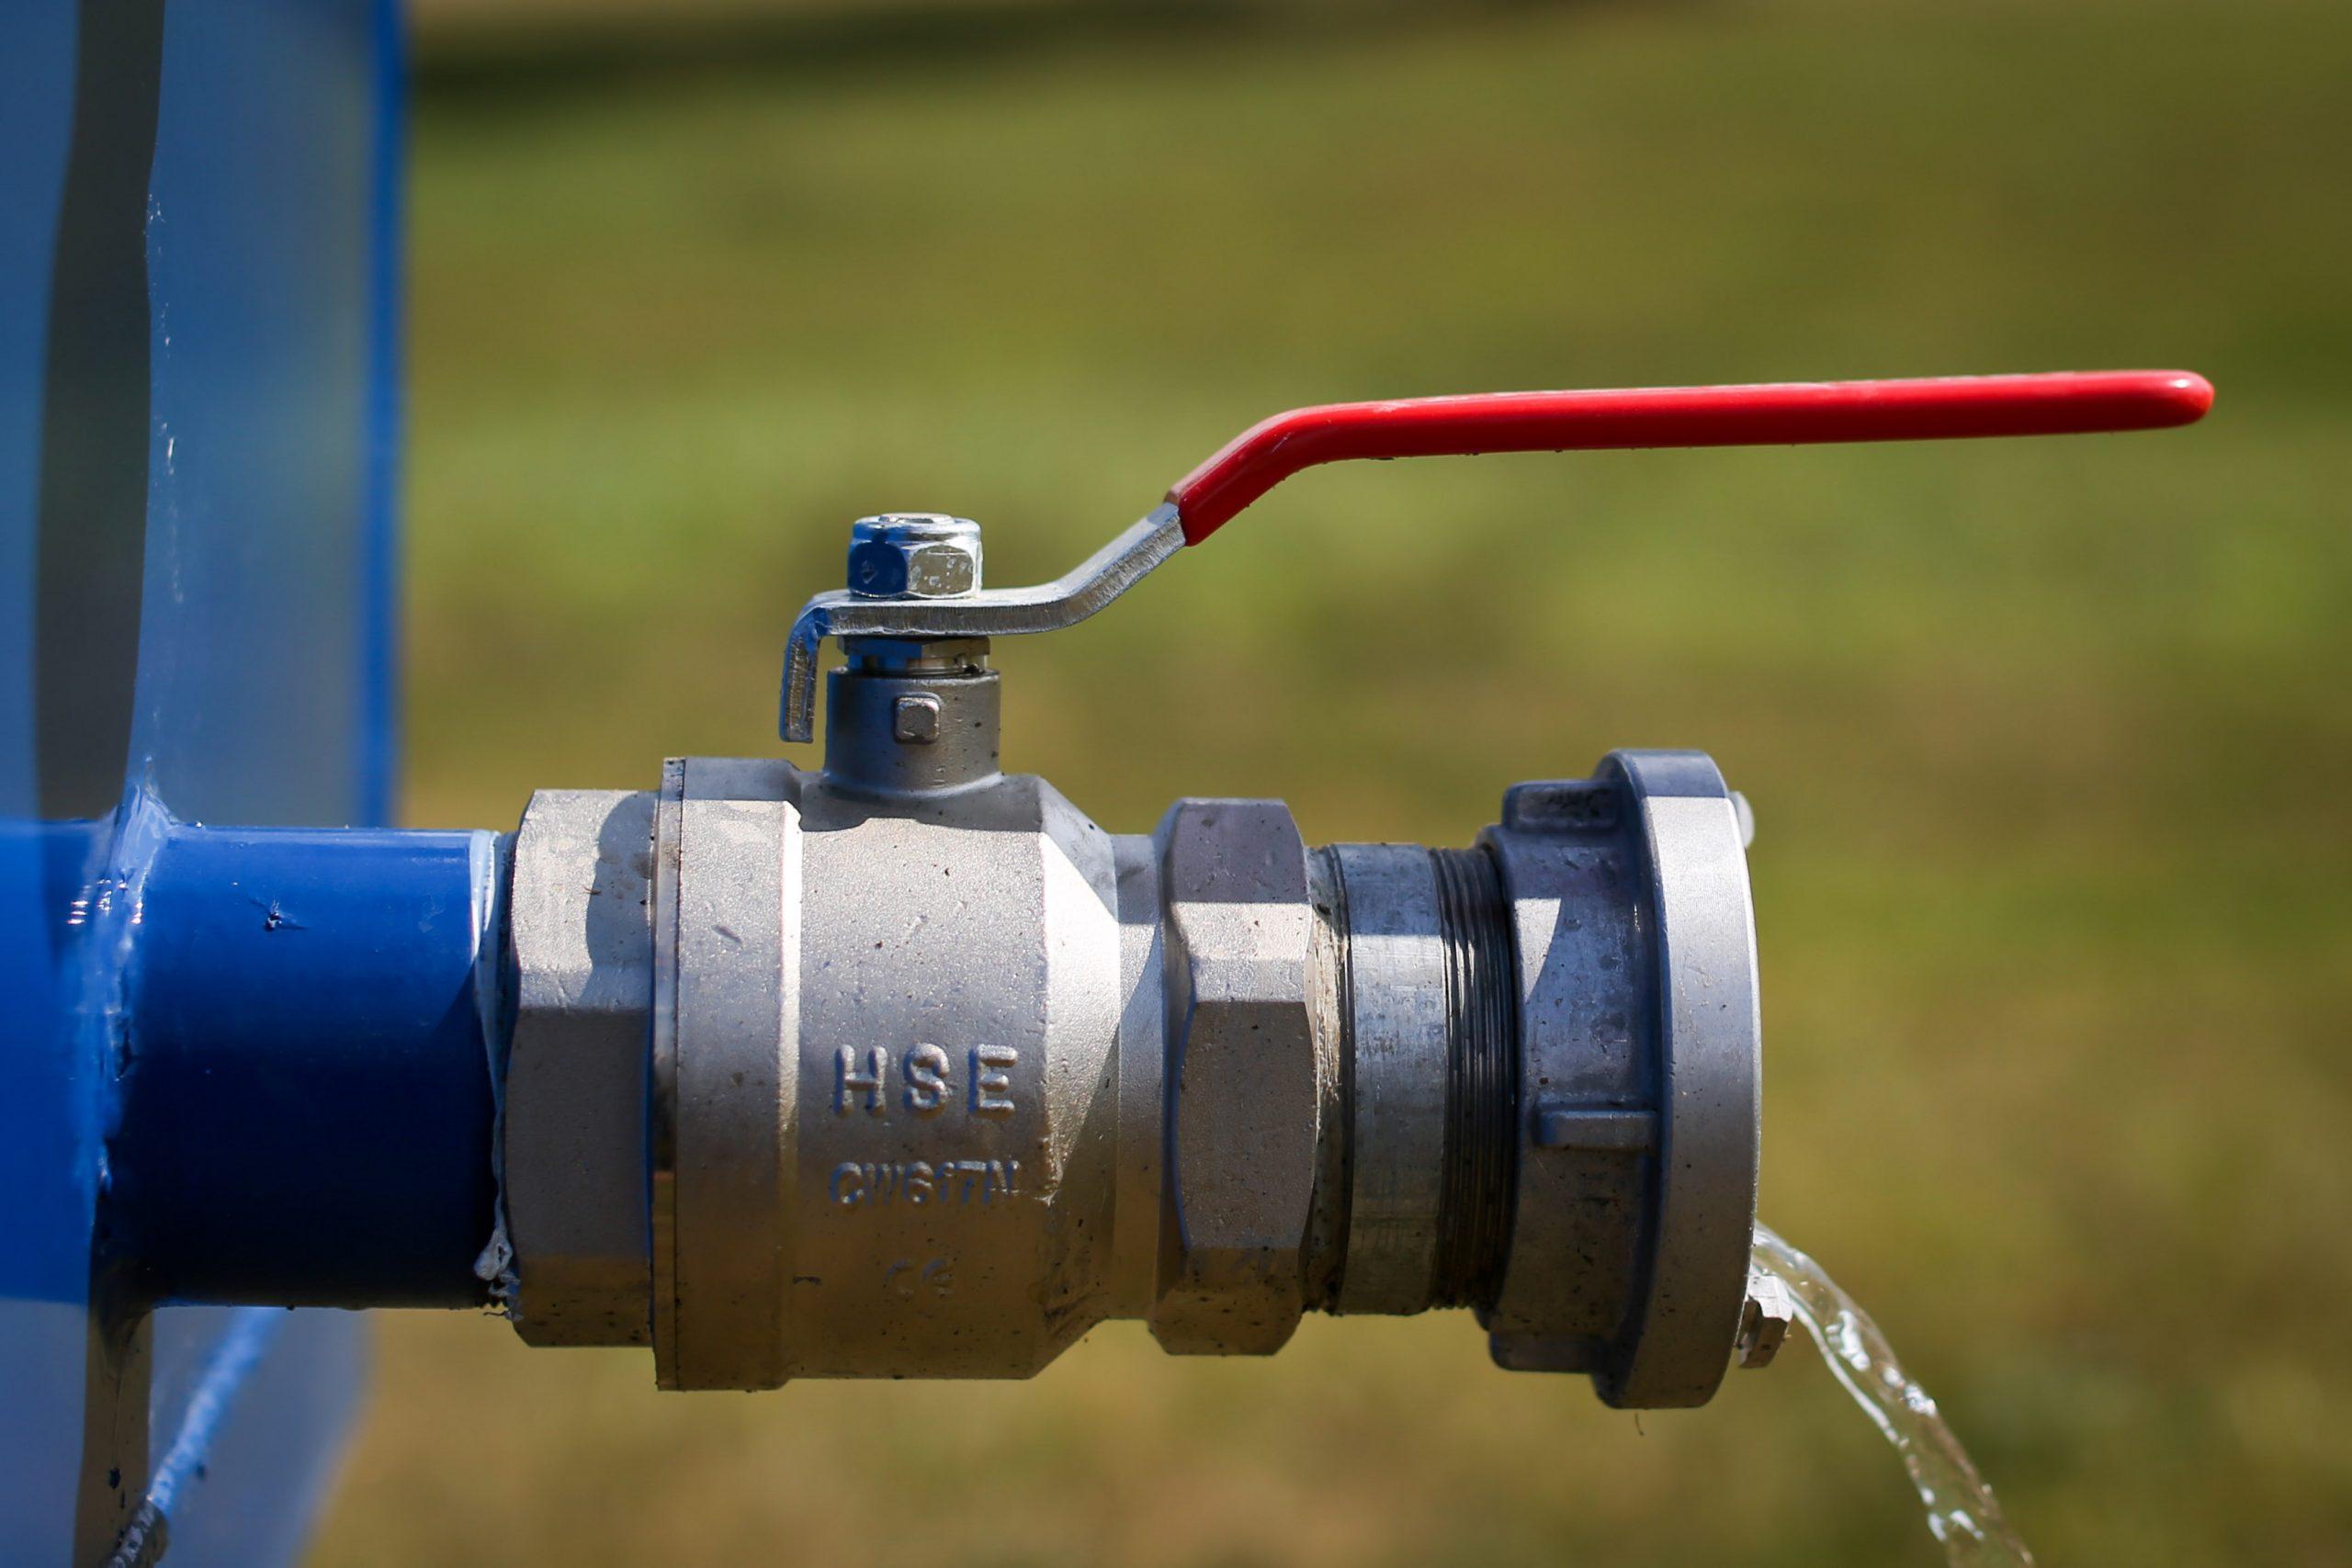 Ablauf 3 Zoll Kugelhahn am Entwässerungscontainer